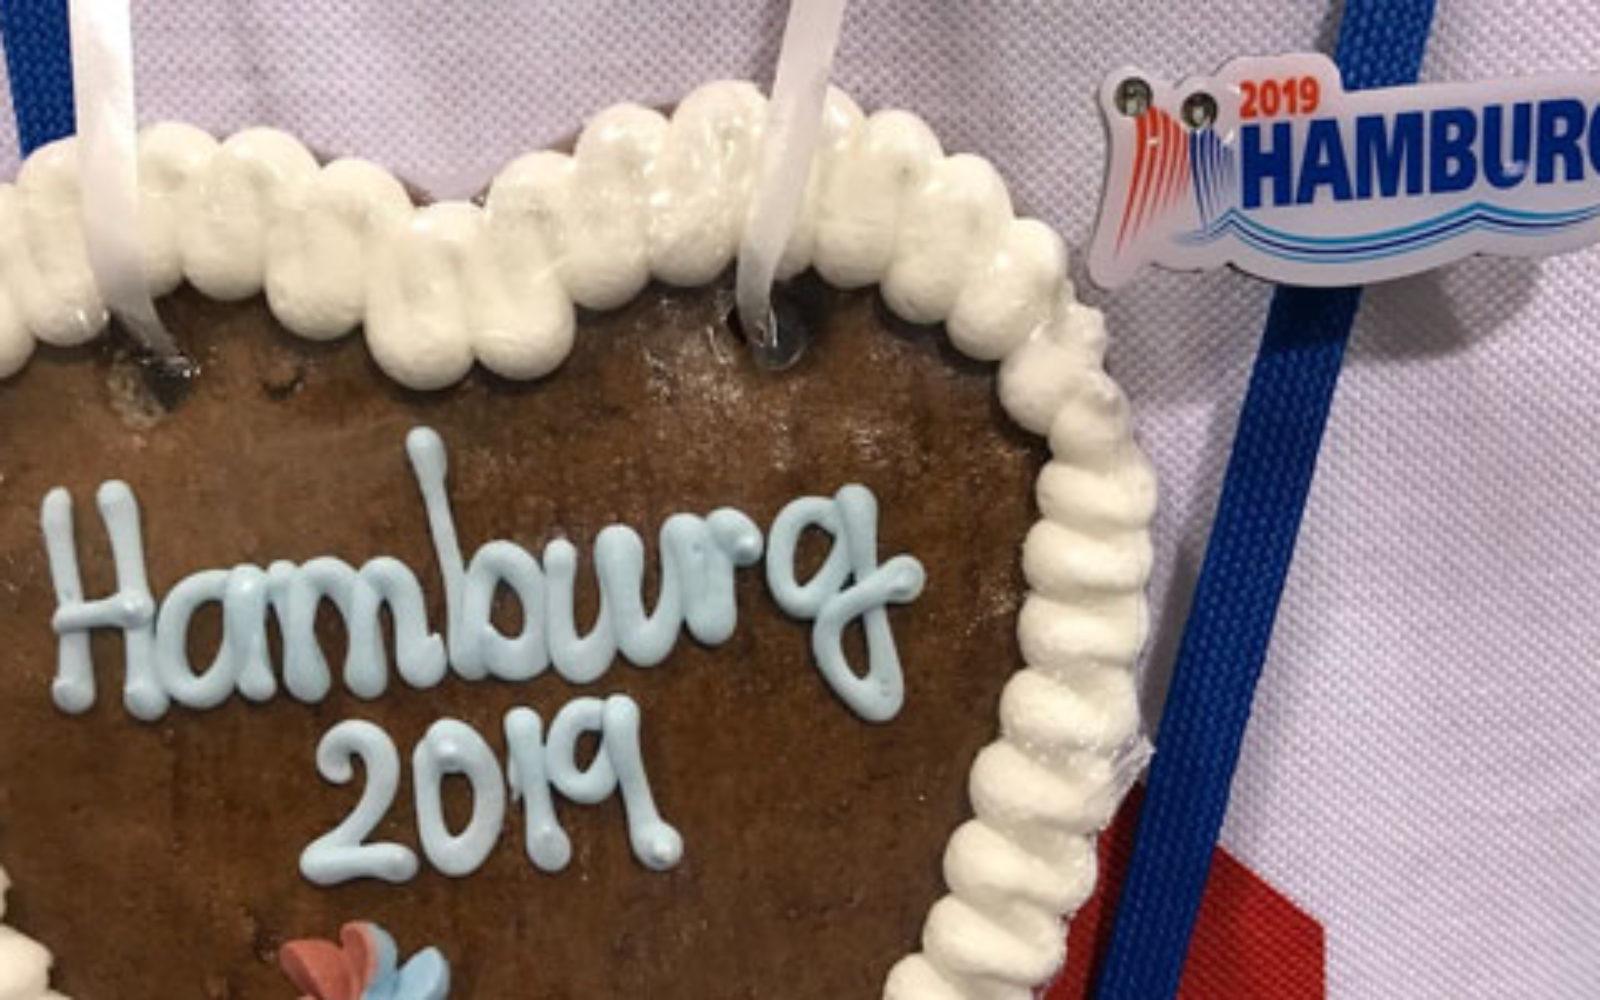 How did this Hamburg convention reach 15,000 pre